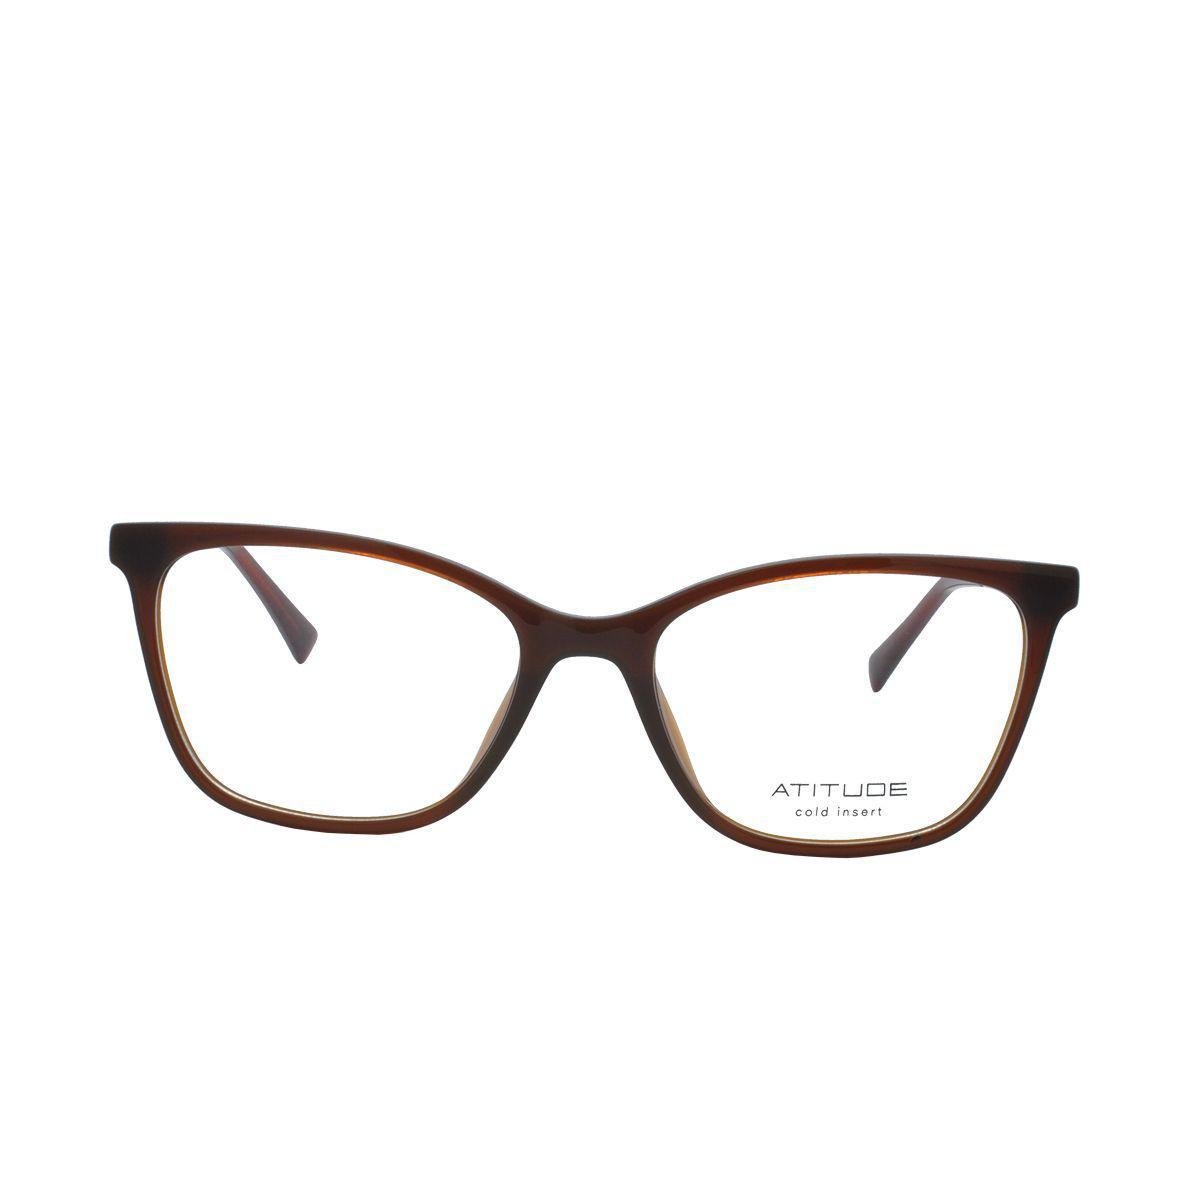 6158416ab Óculos de Grau Atitude Feminino AT6197I T02 - Acetato Marrom Claro R$  244,00 à vista. Adicionar à sacola